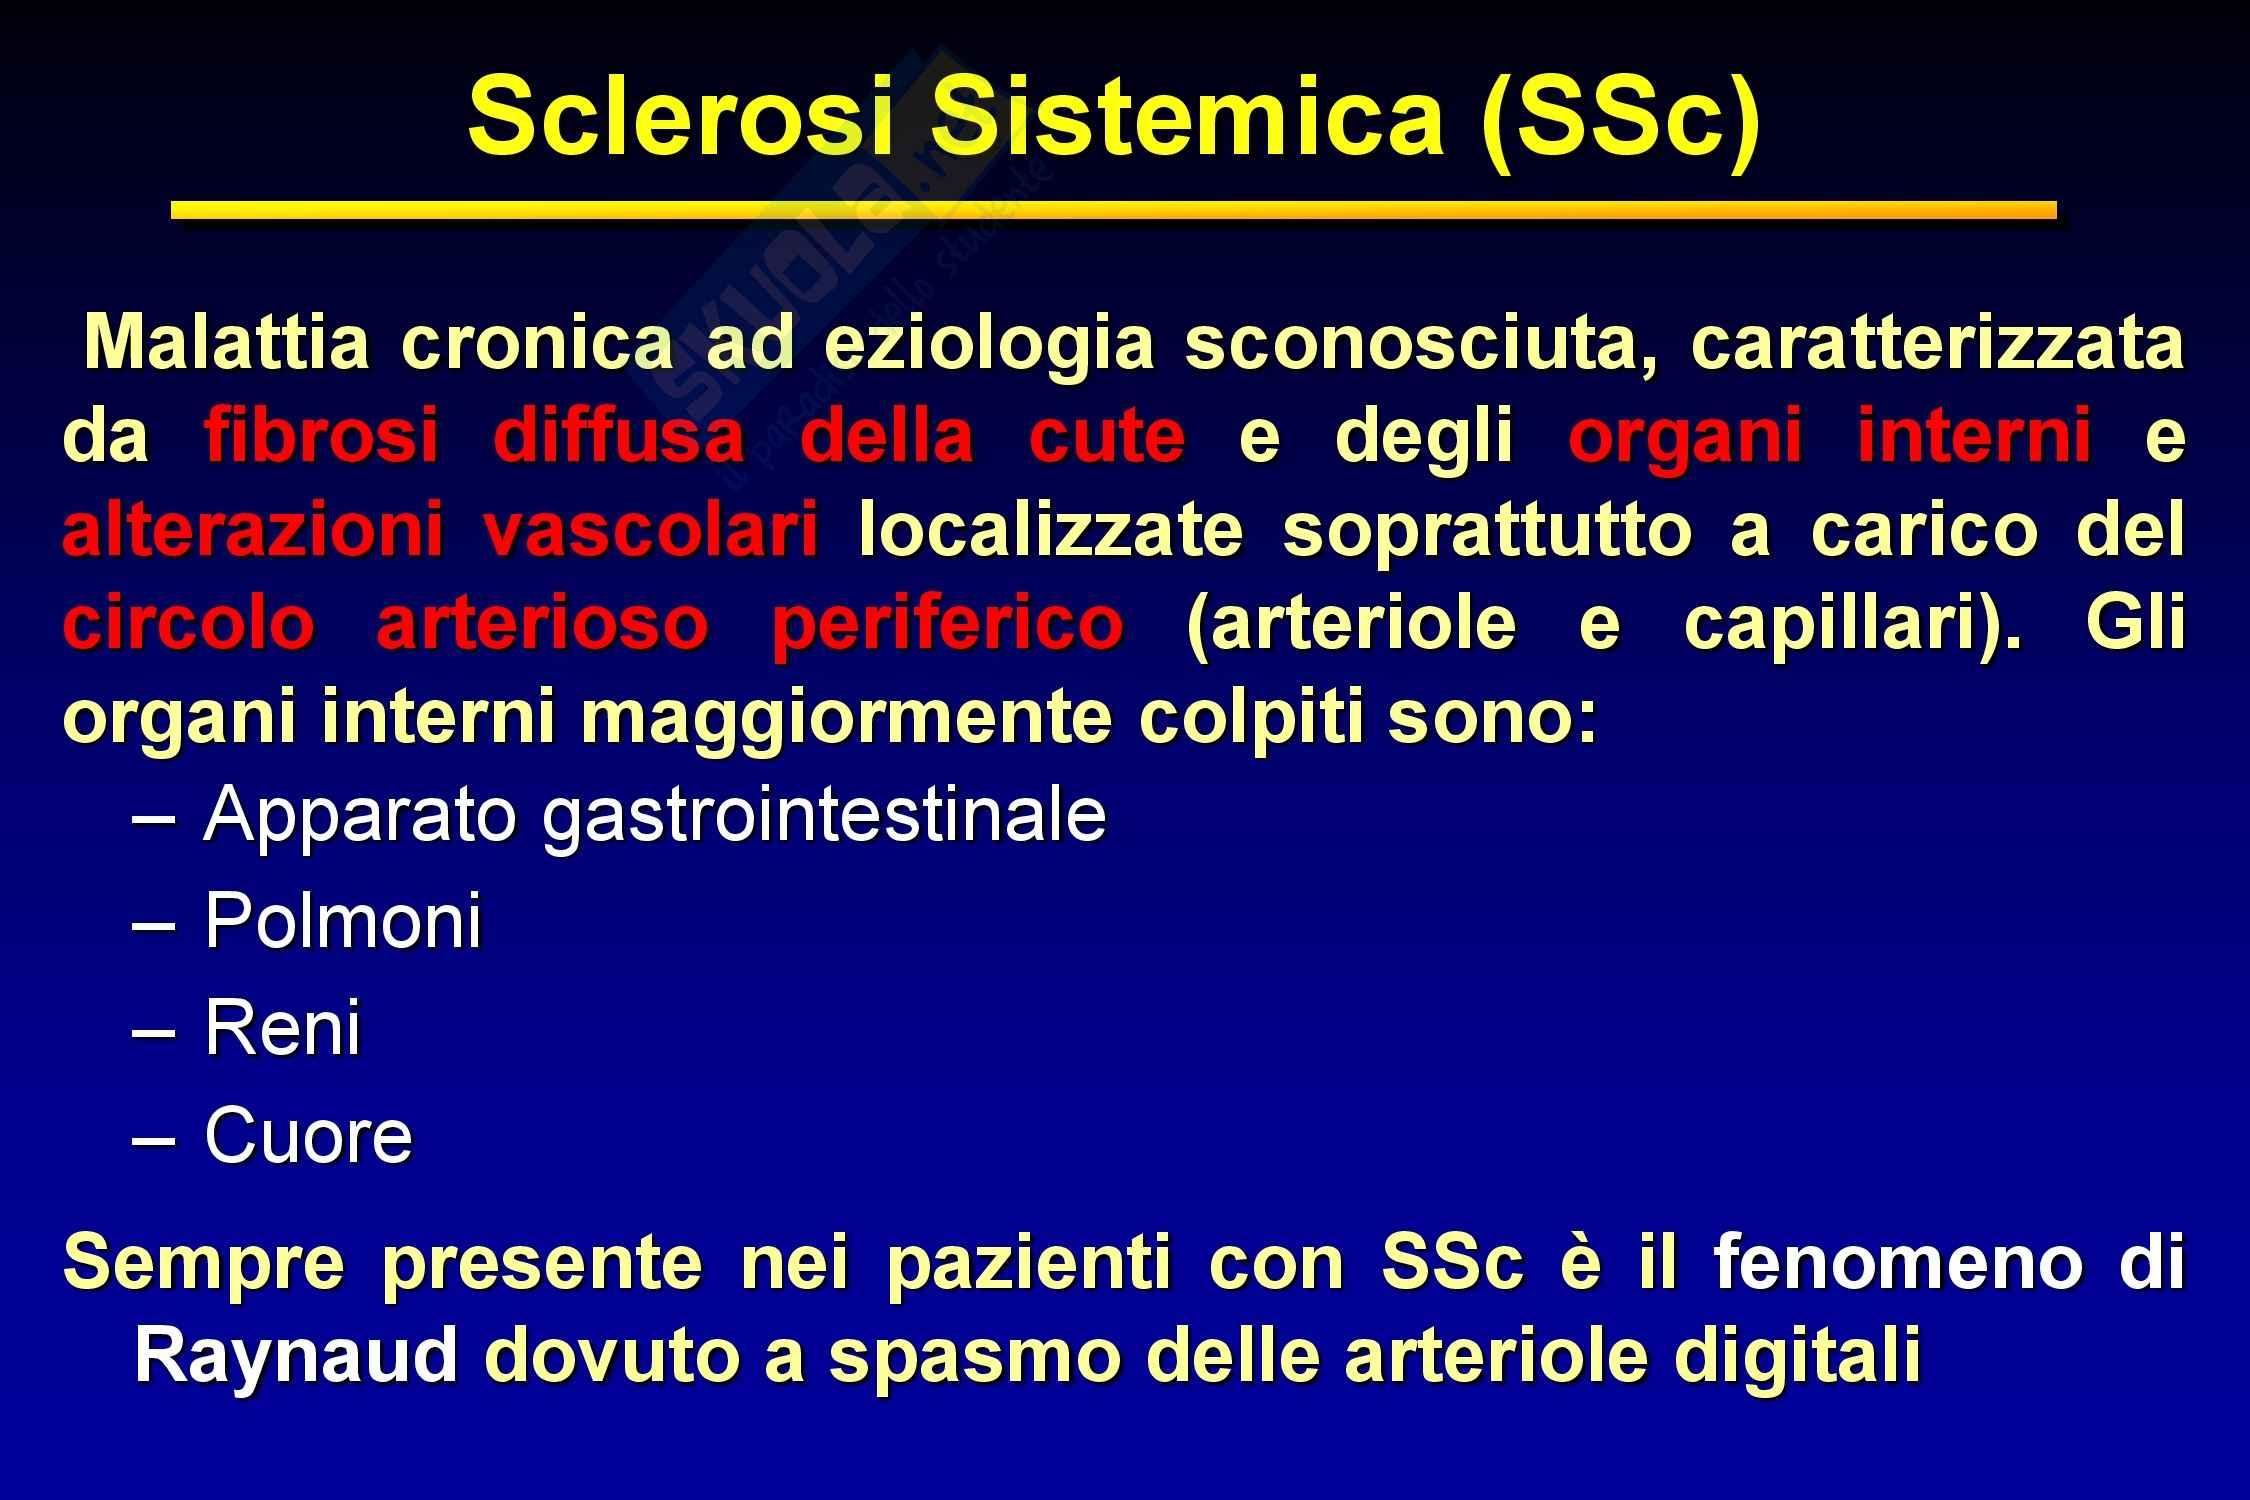 Malattie dell'apparato respiratorio - Sclerosi sistemica